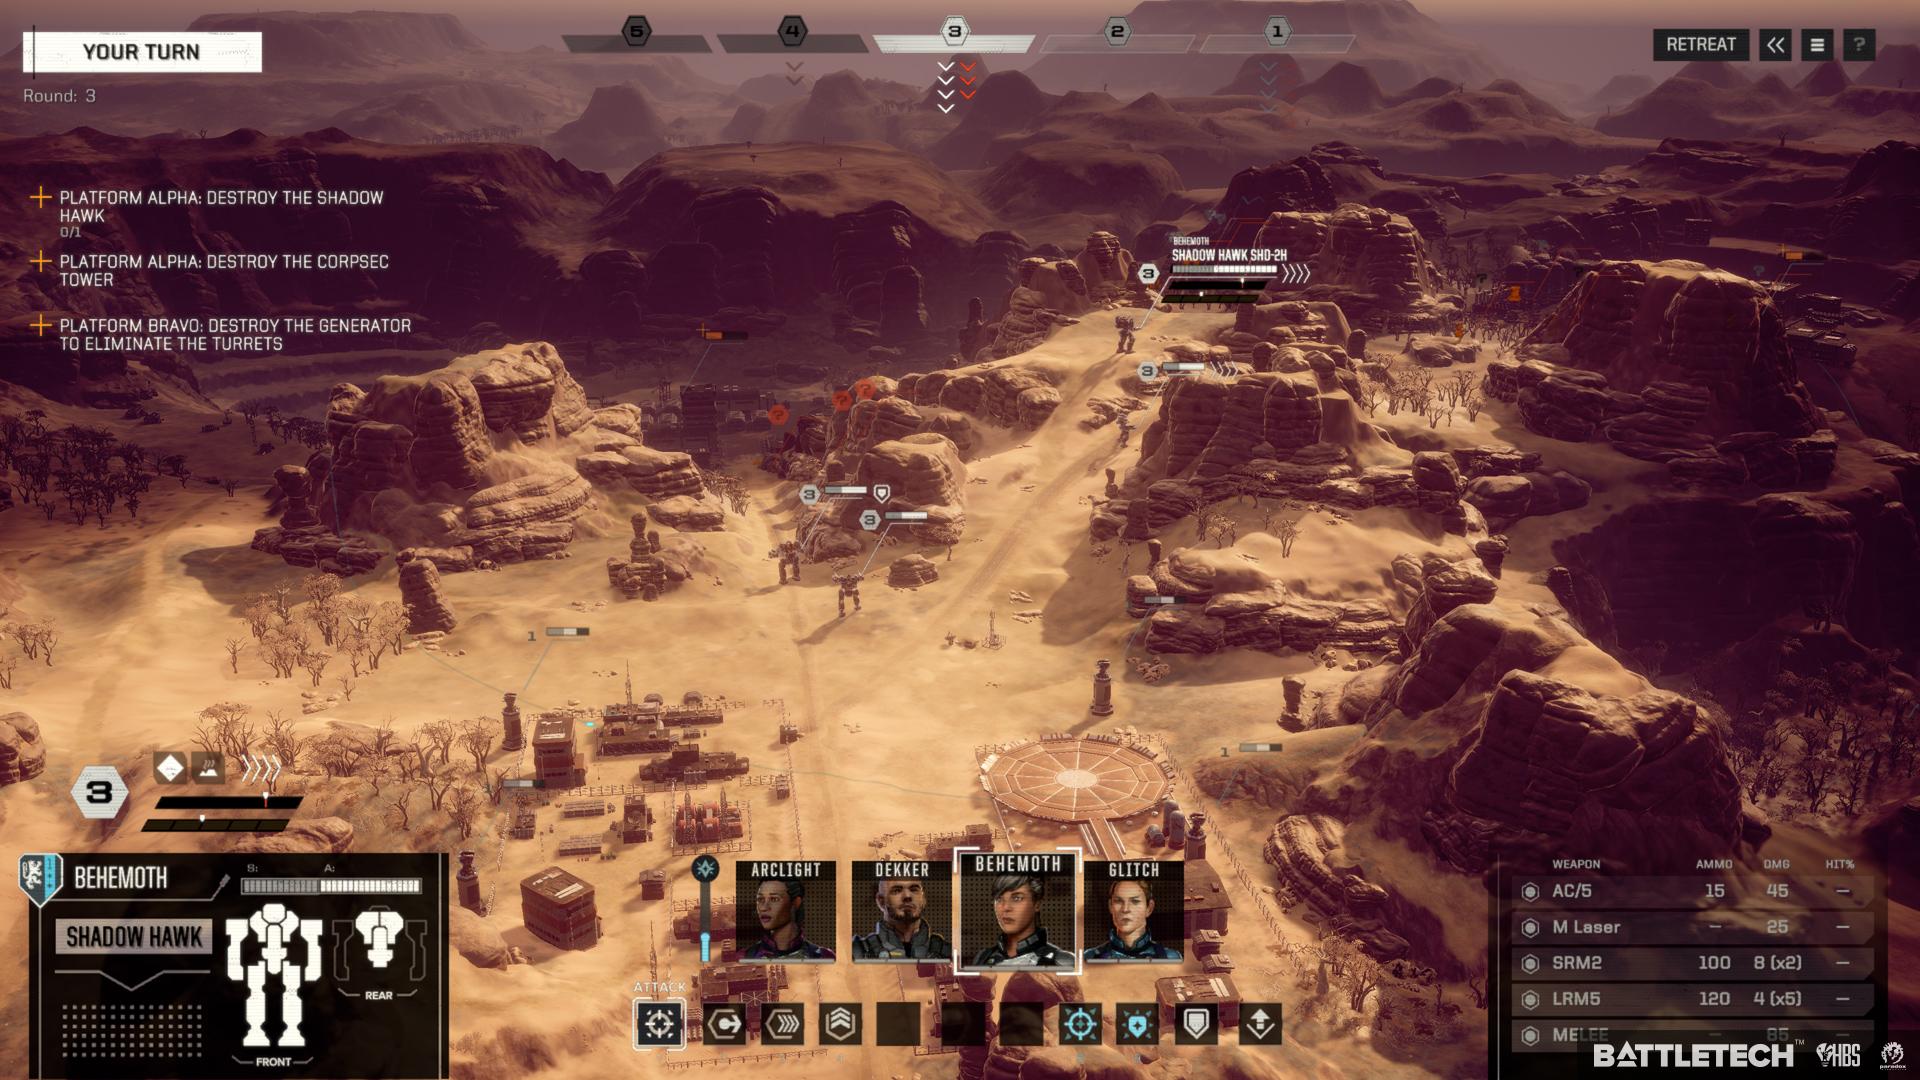 BATTLETECH Screenshots   Paradox Interactive Forums